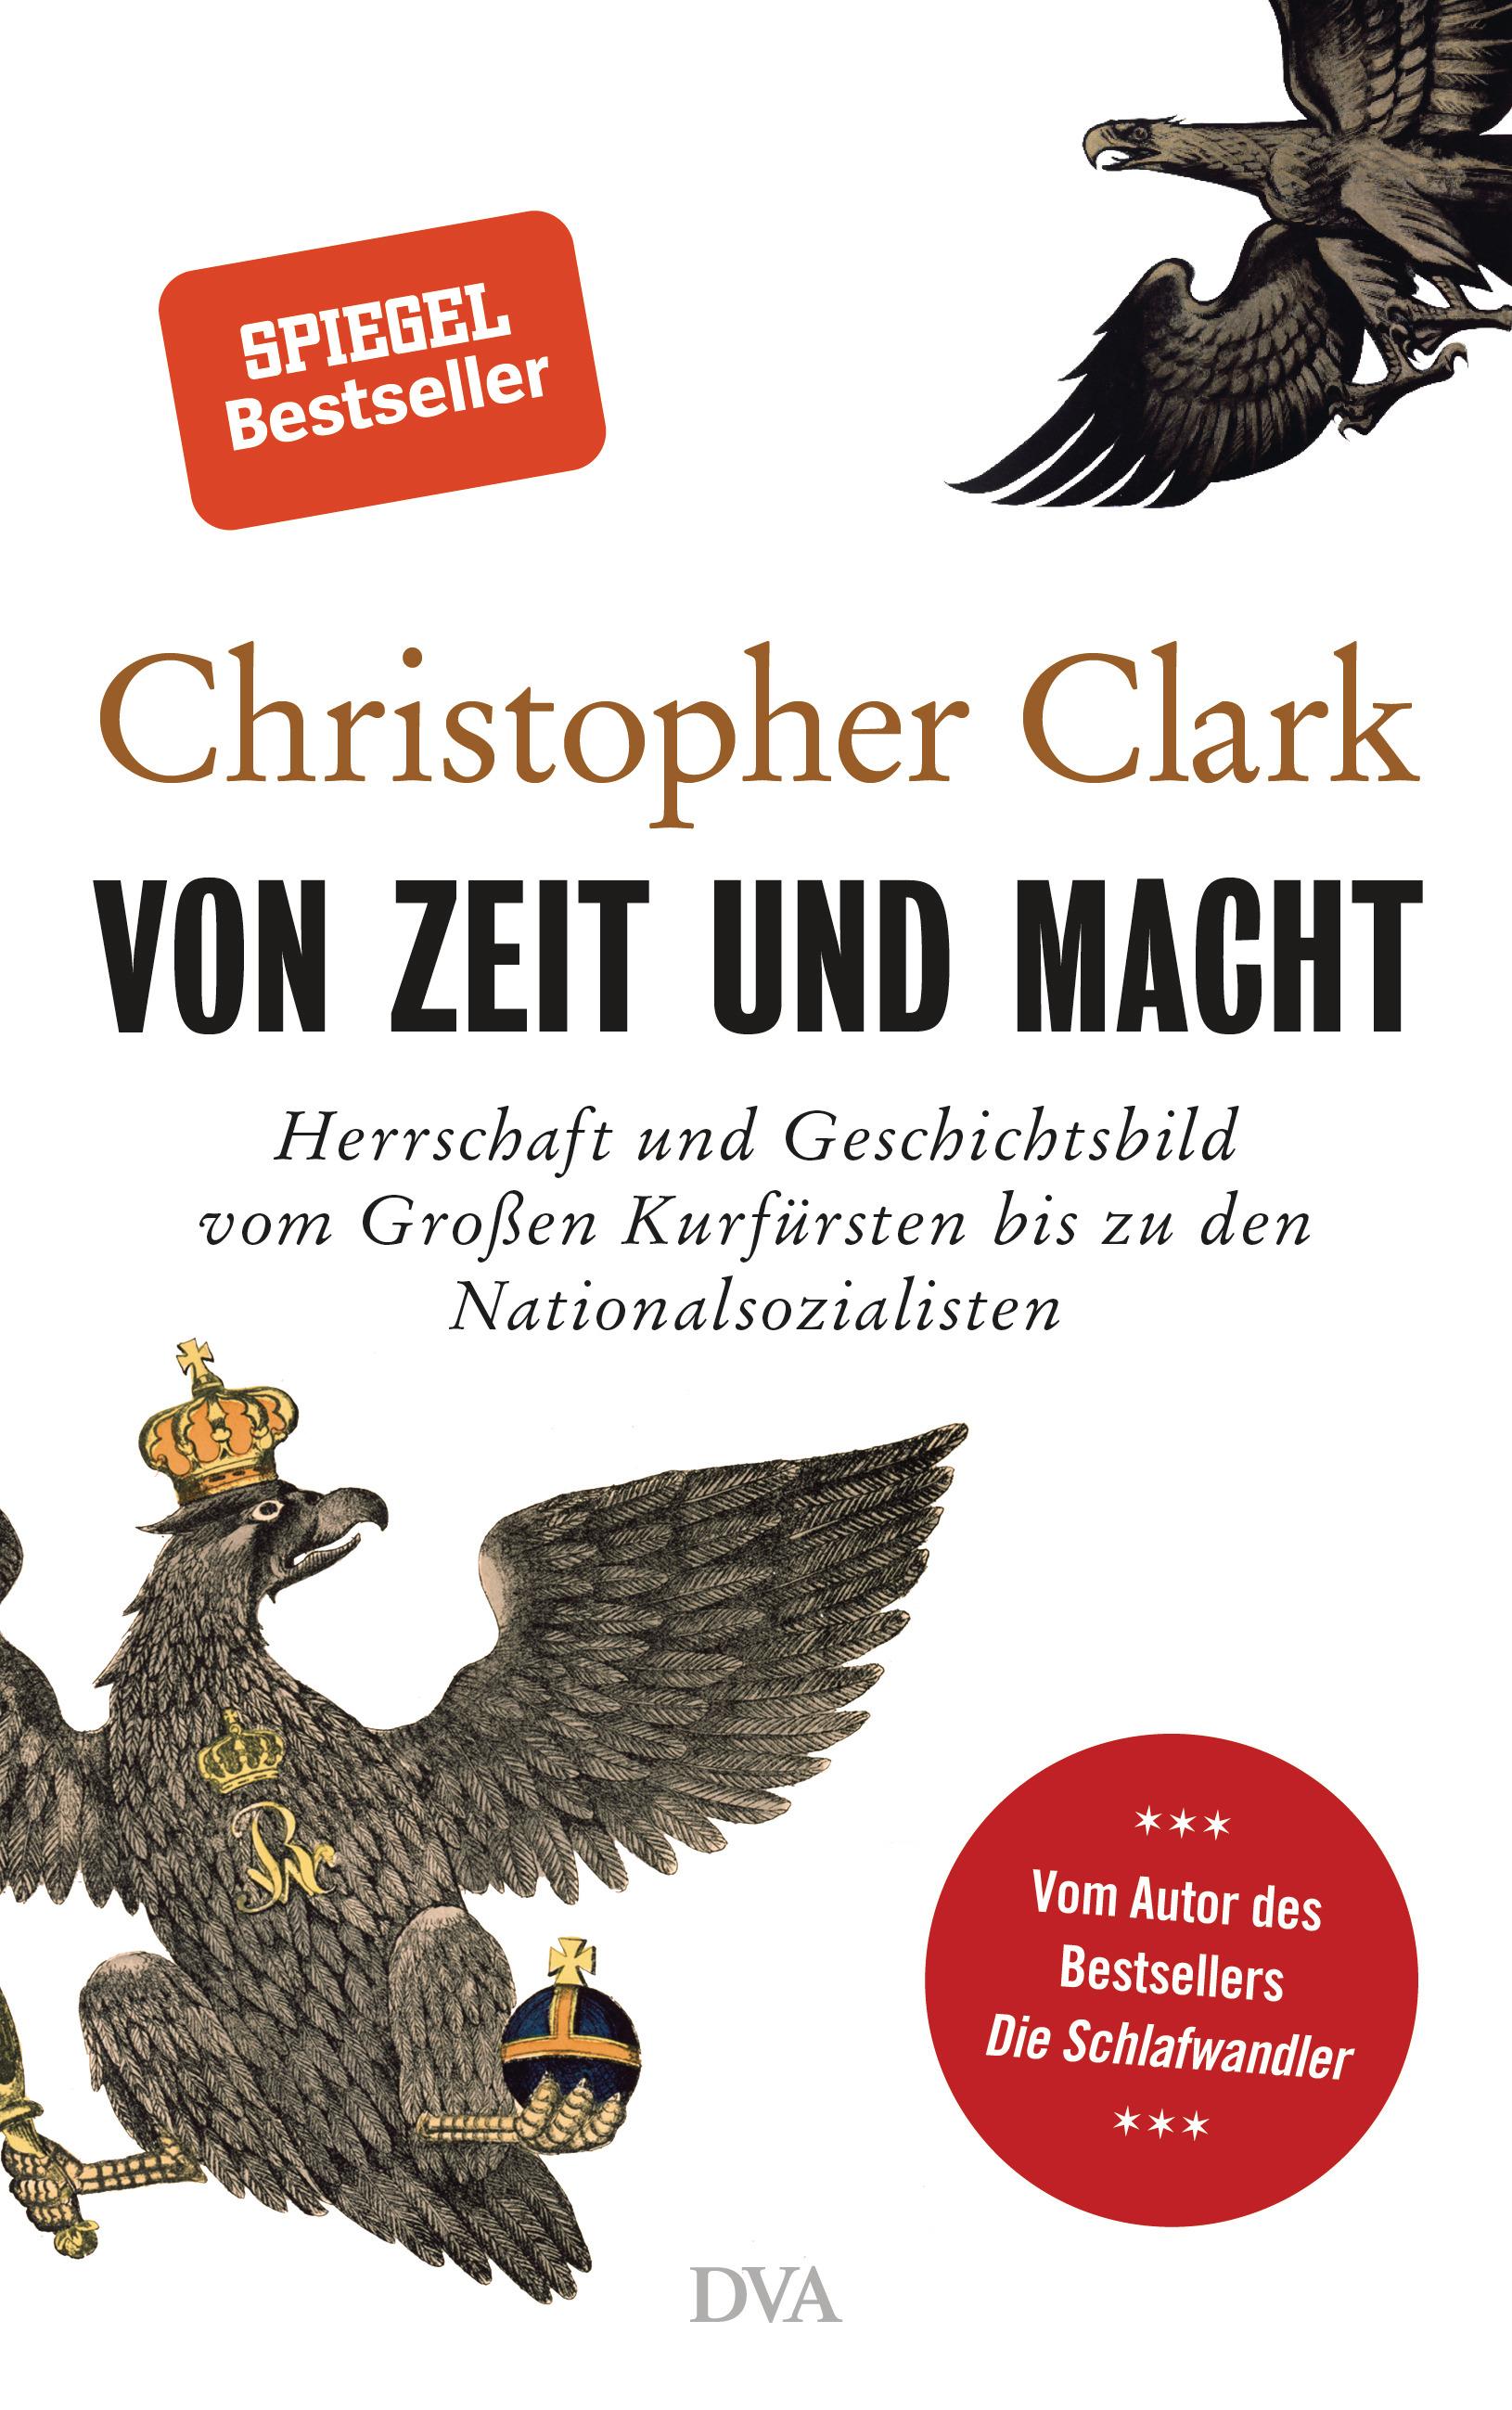 Von Zeit und Macht von Christopher Clark (c) randomhouse